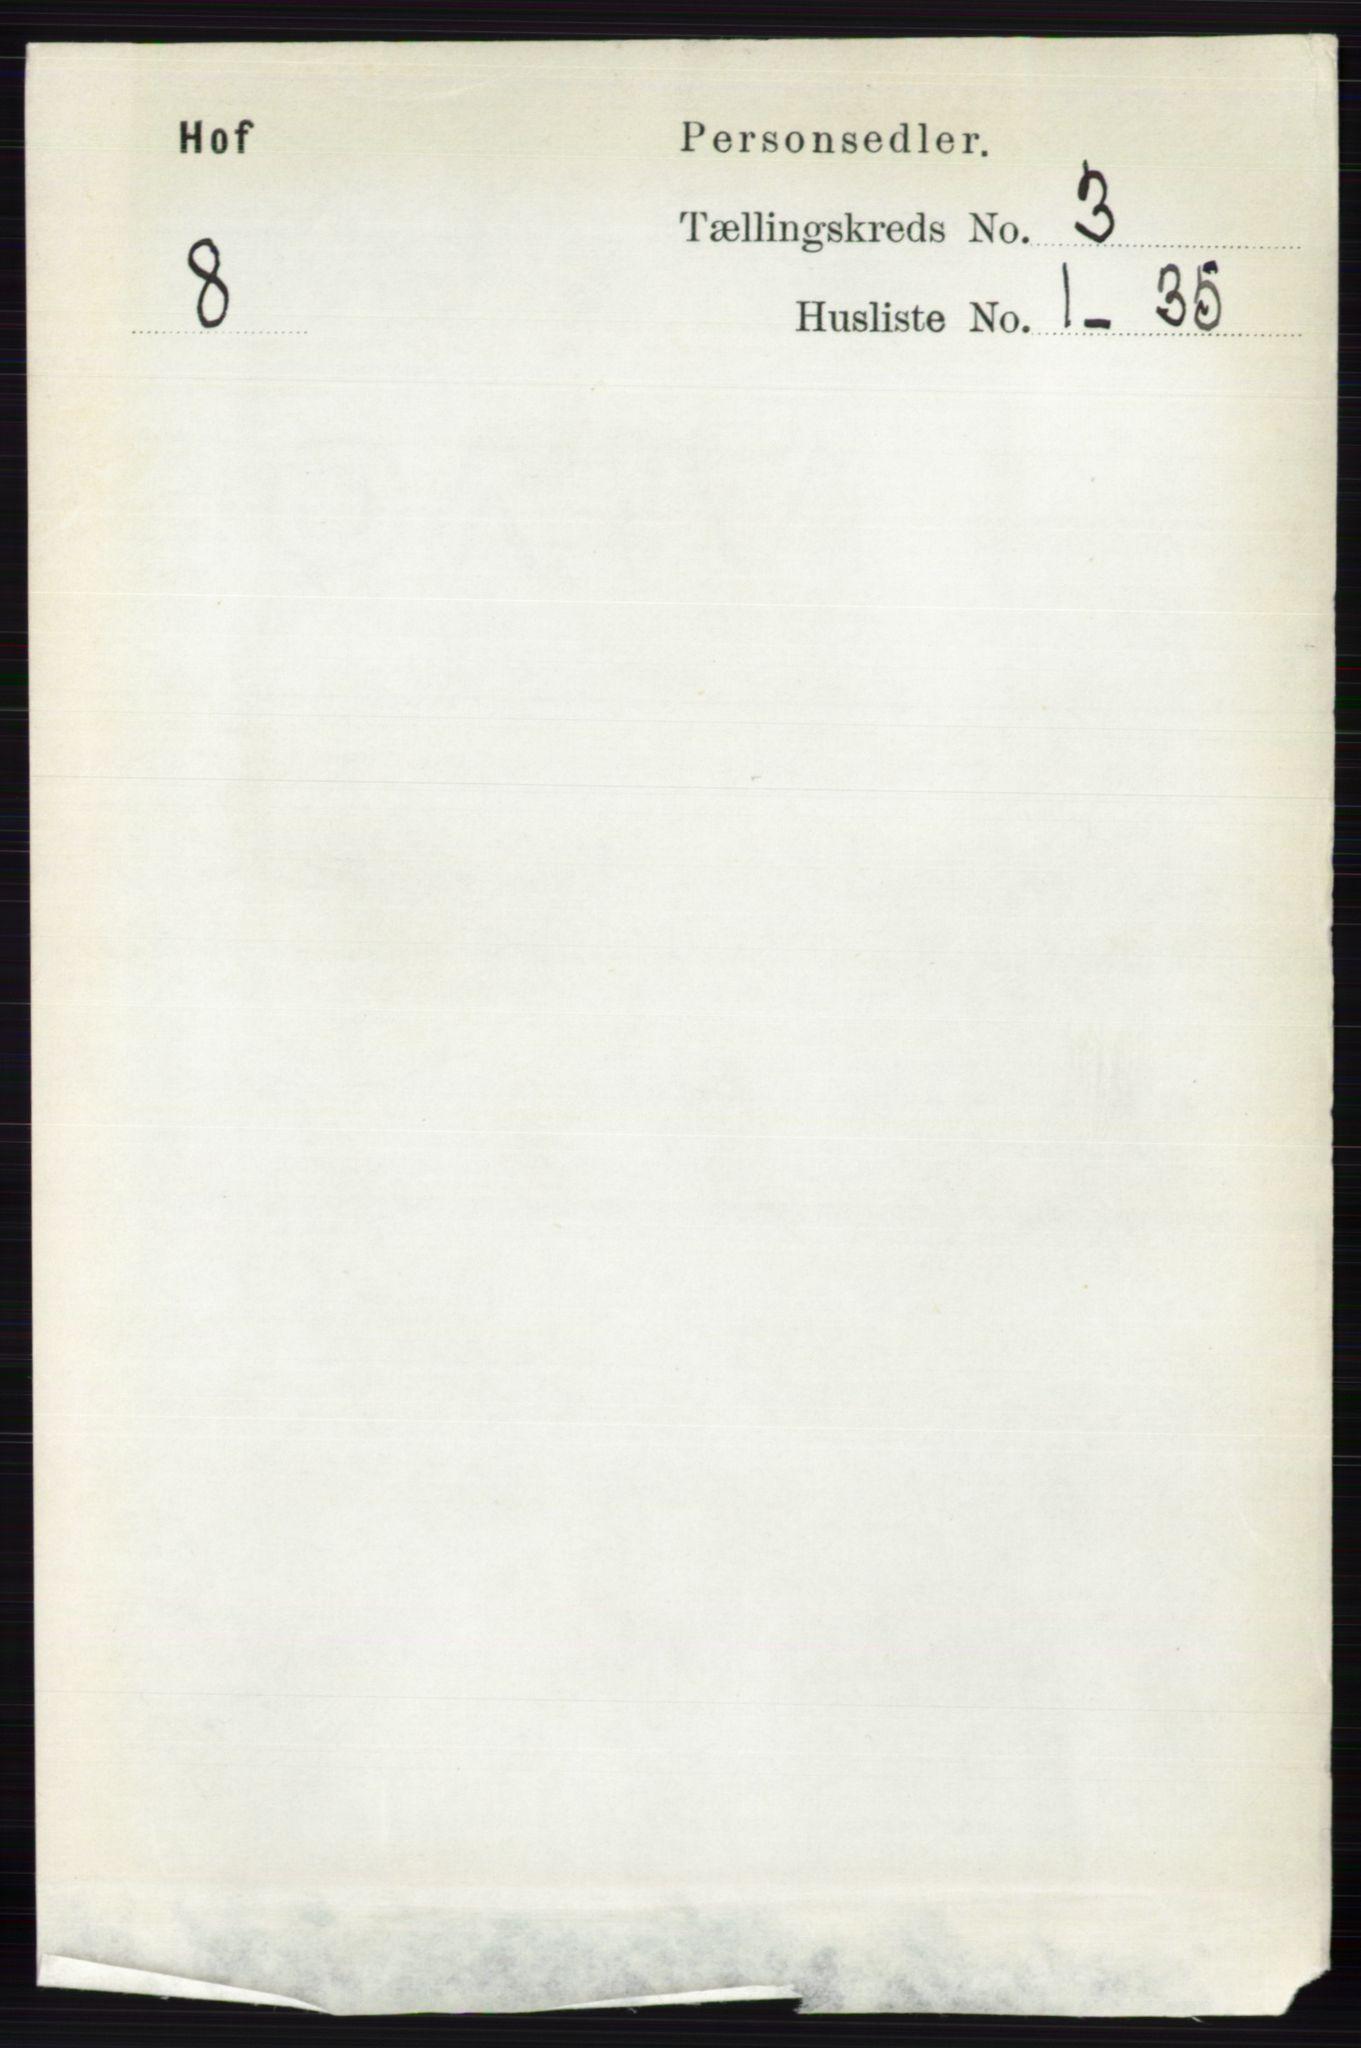 RA, Folketelling 1891 for 0424 Hof herred, 1891, s. 845